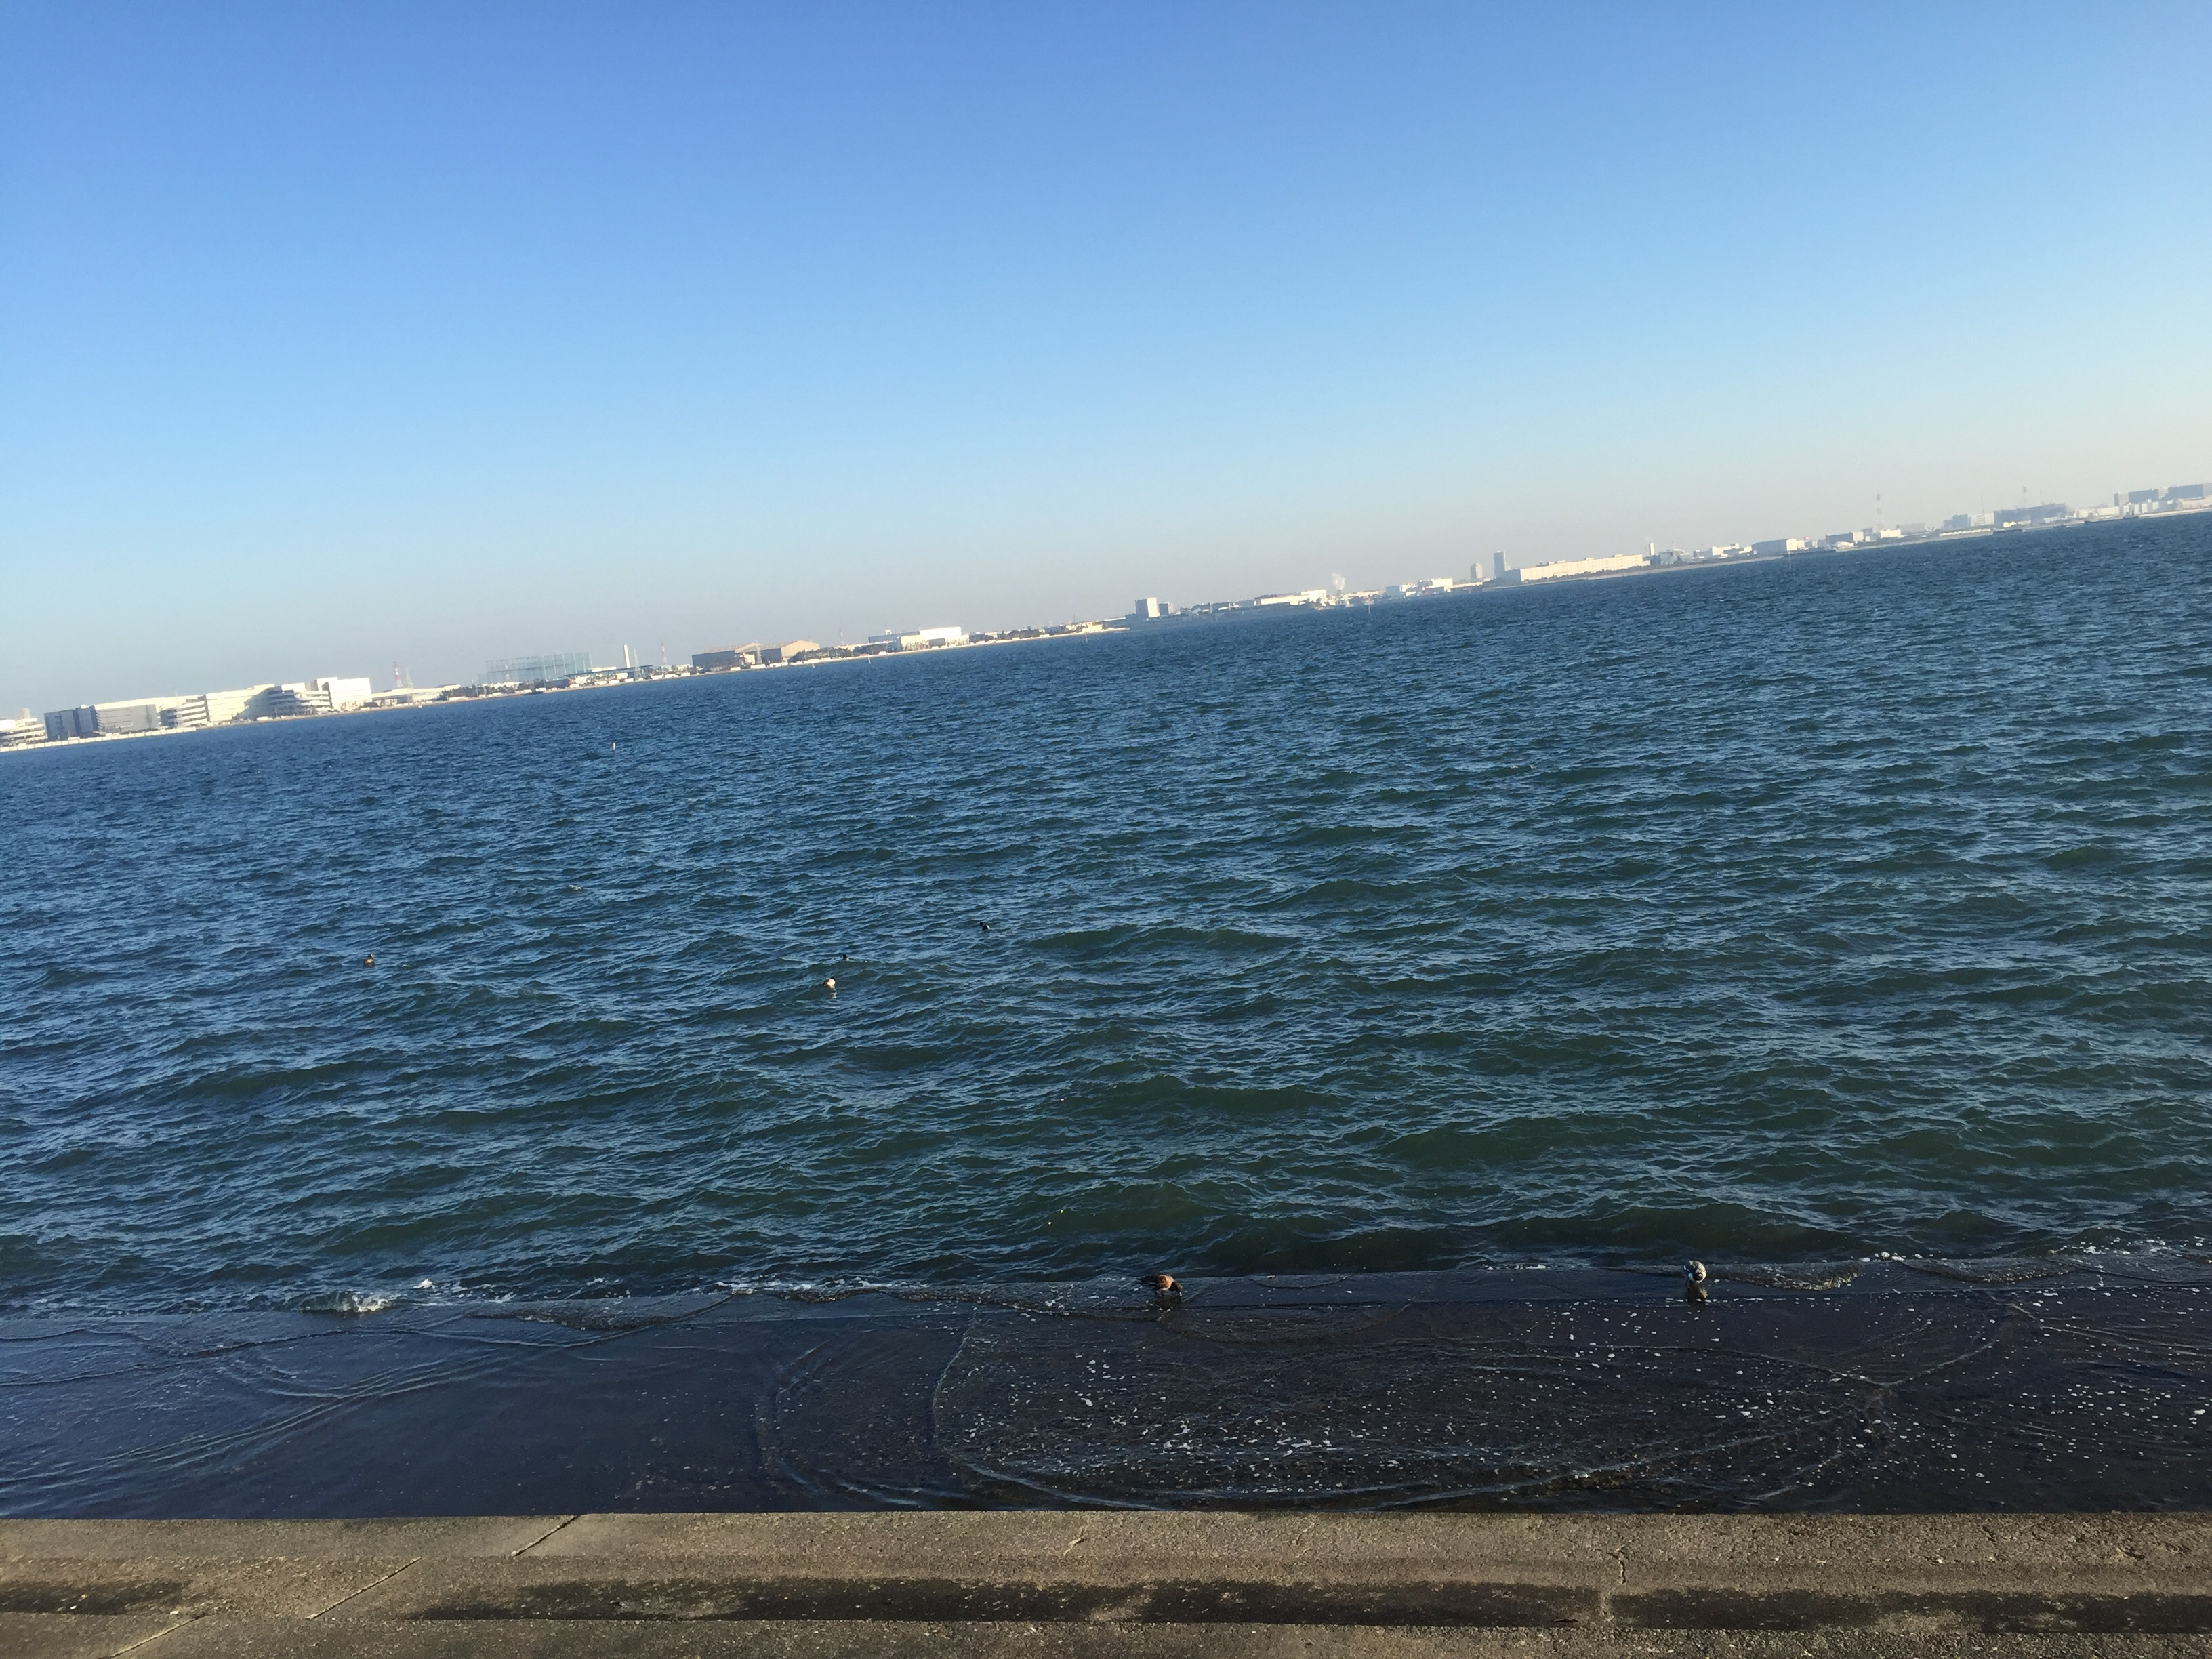 現場の近くが海だったので